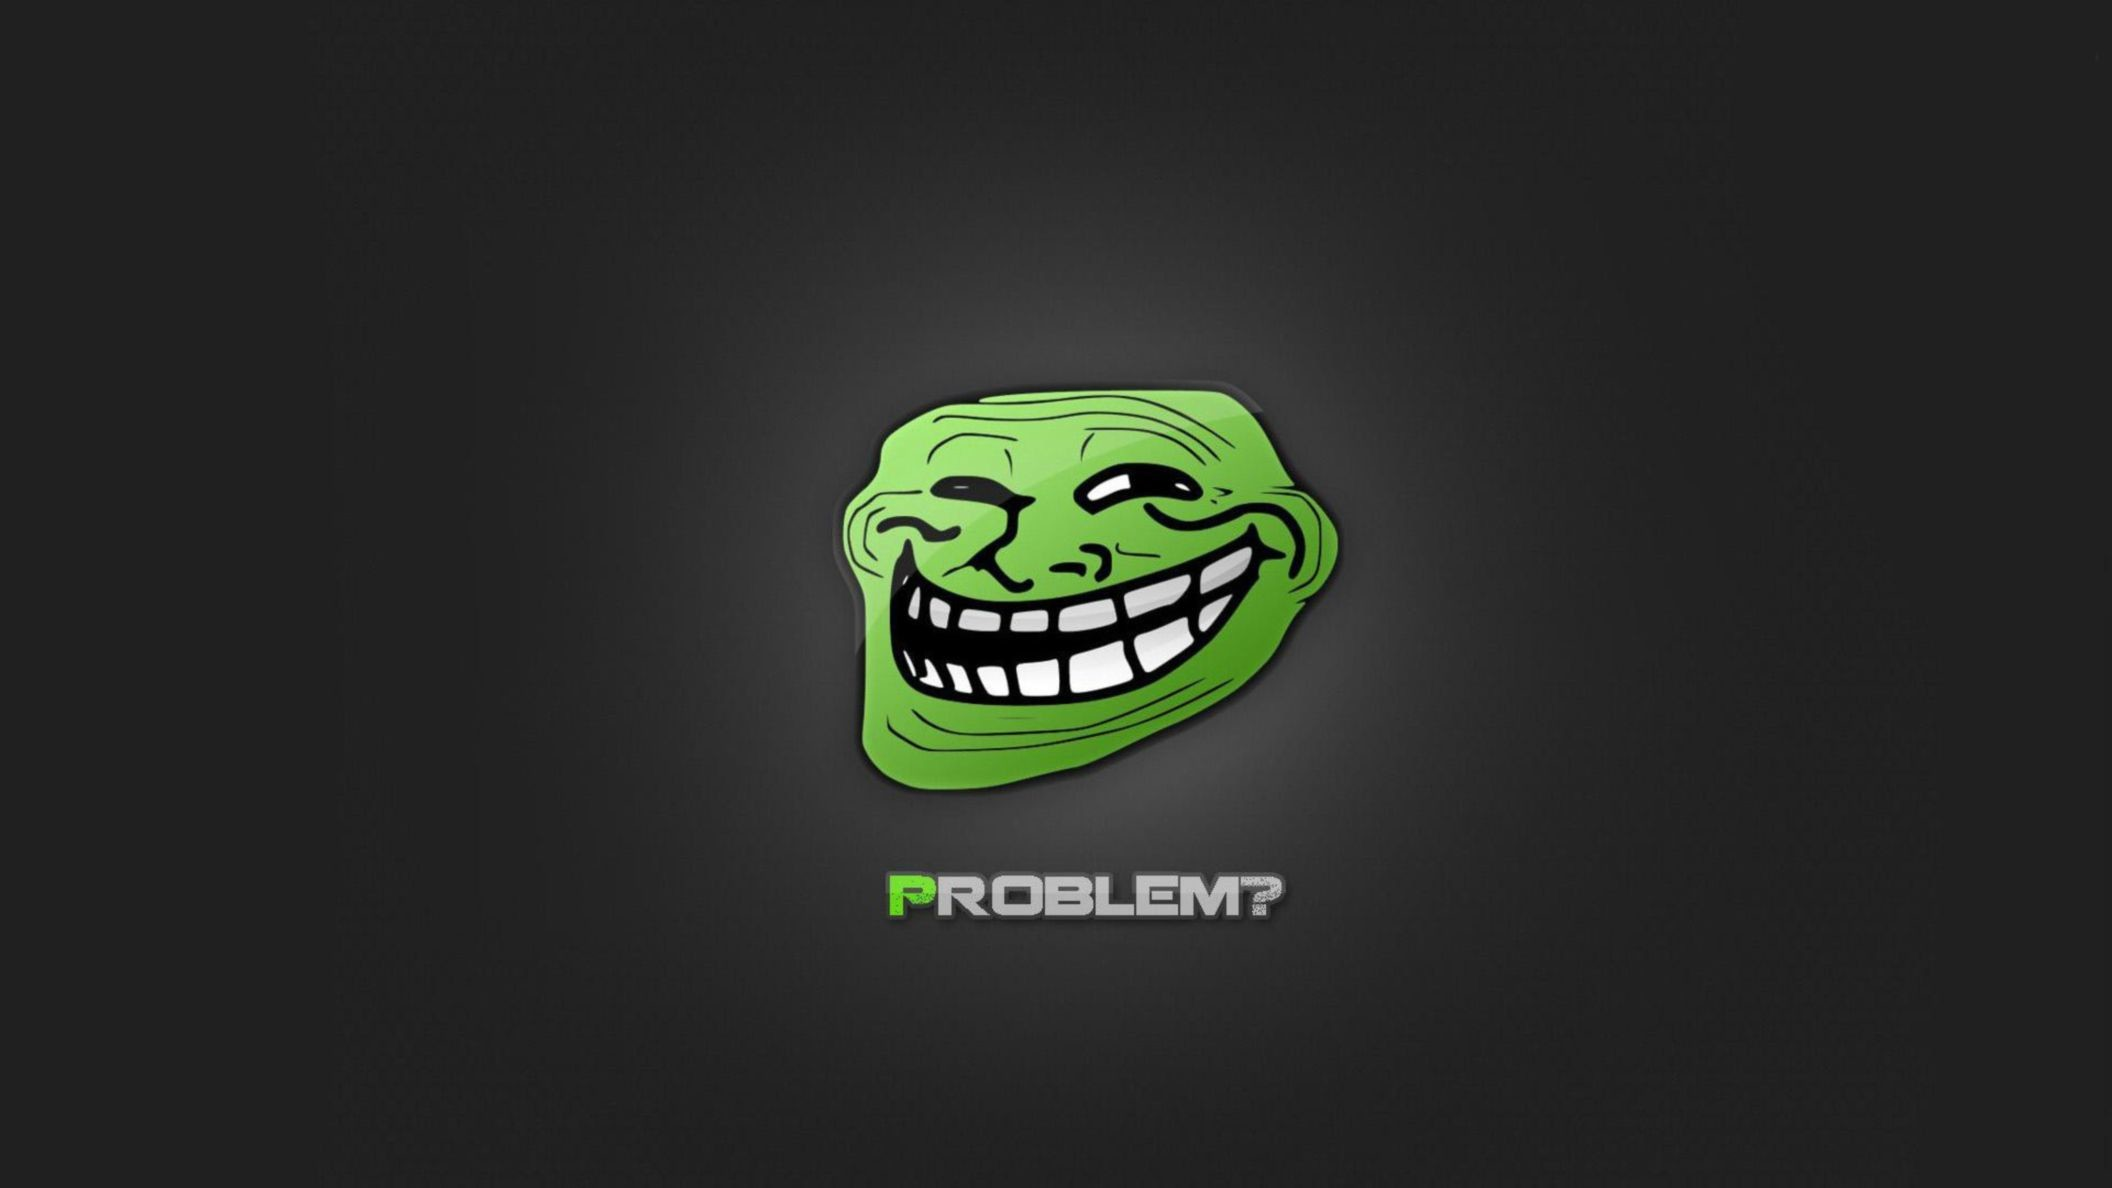 Res: 2112x1188, Funny Meme HD Problem Wallpaper